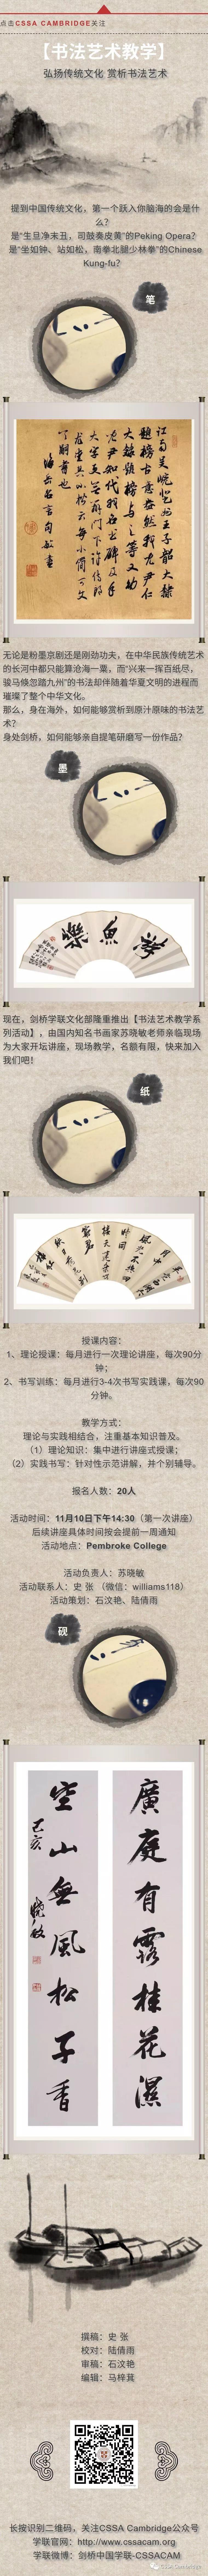 【头条】文化部书法艺术教学——弘扬传统文化、赏析书法艺术